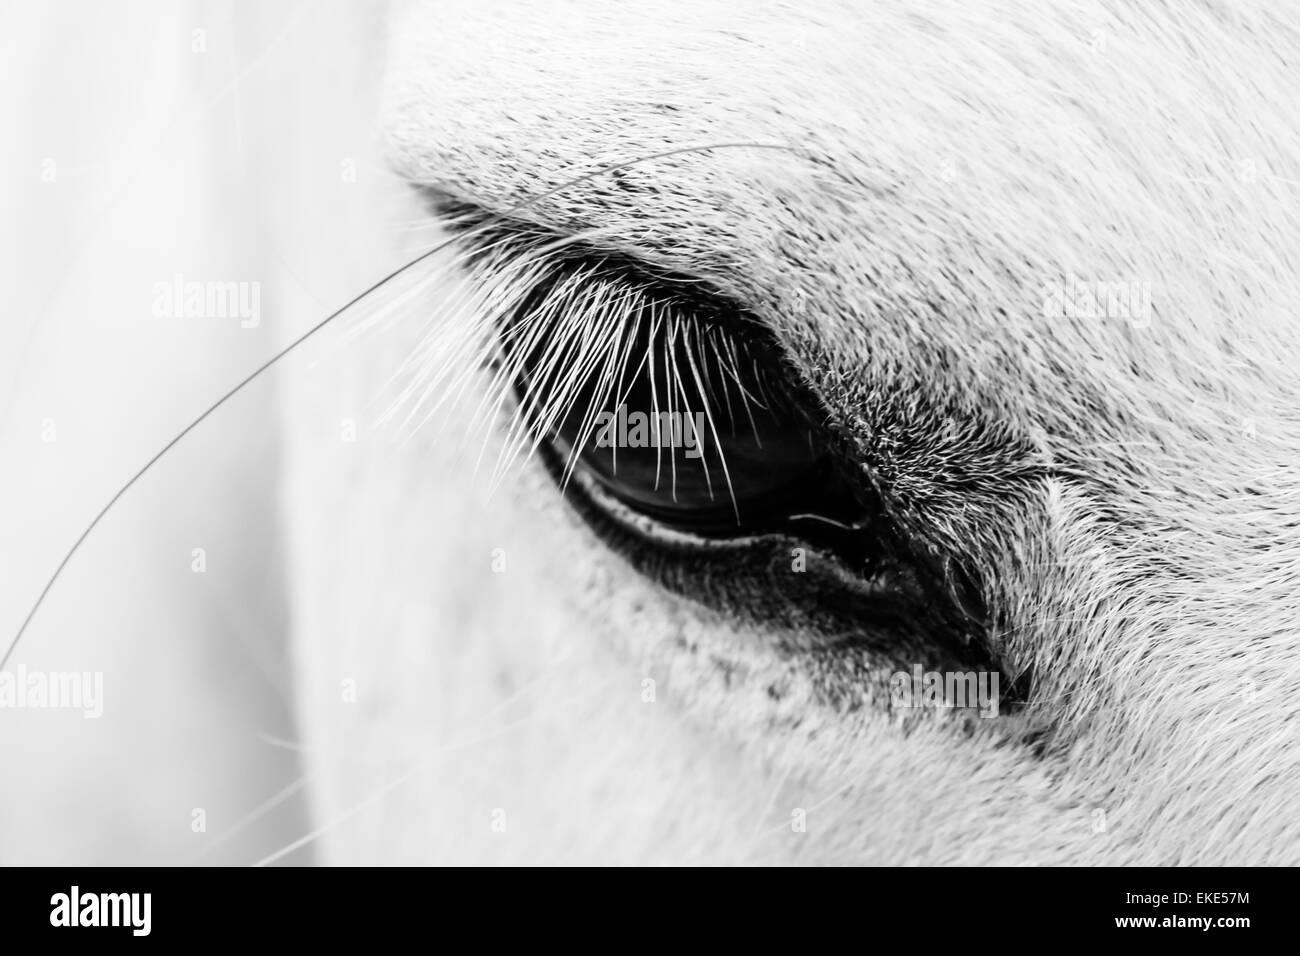 Detalle de un caballo blanco Imagen De Stock